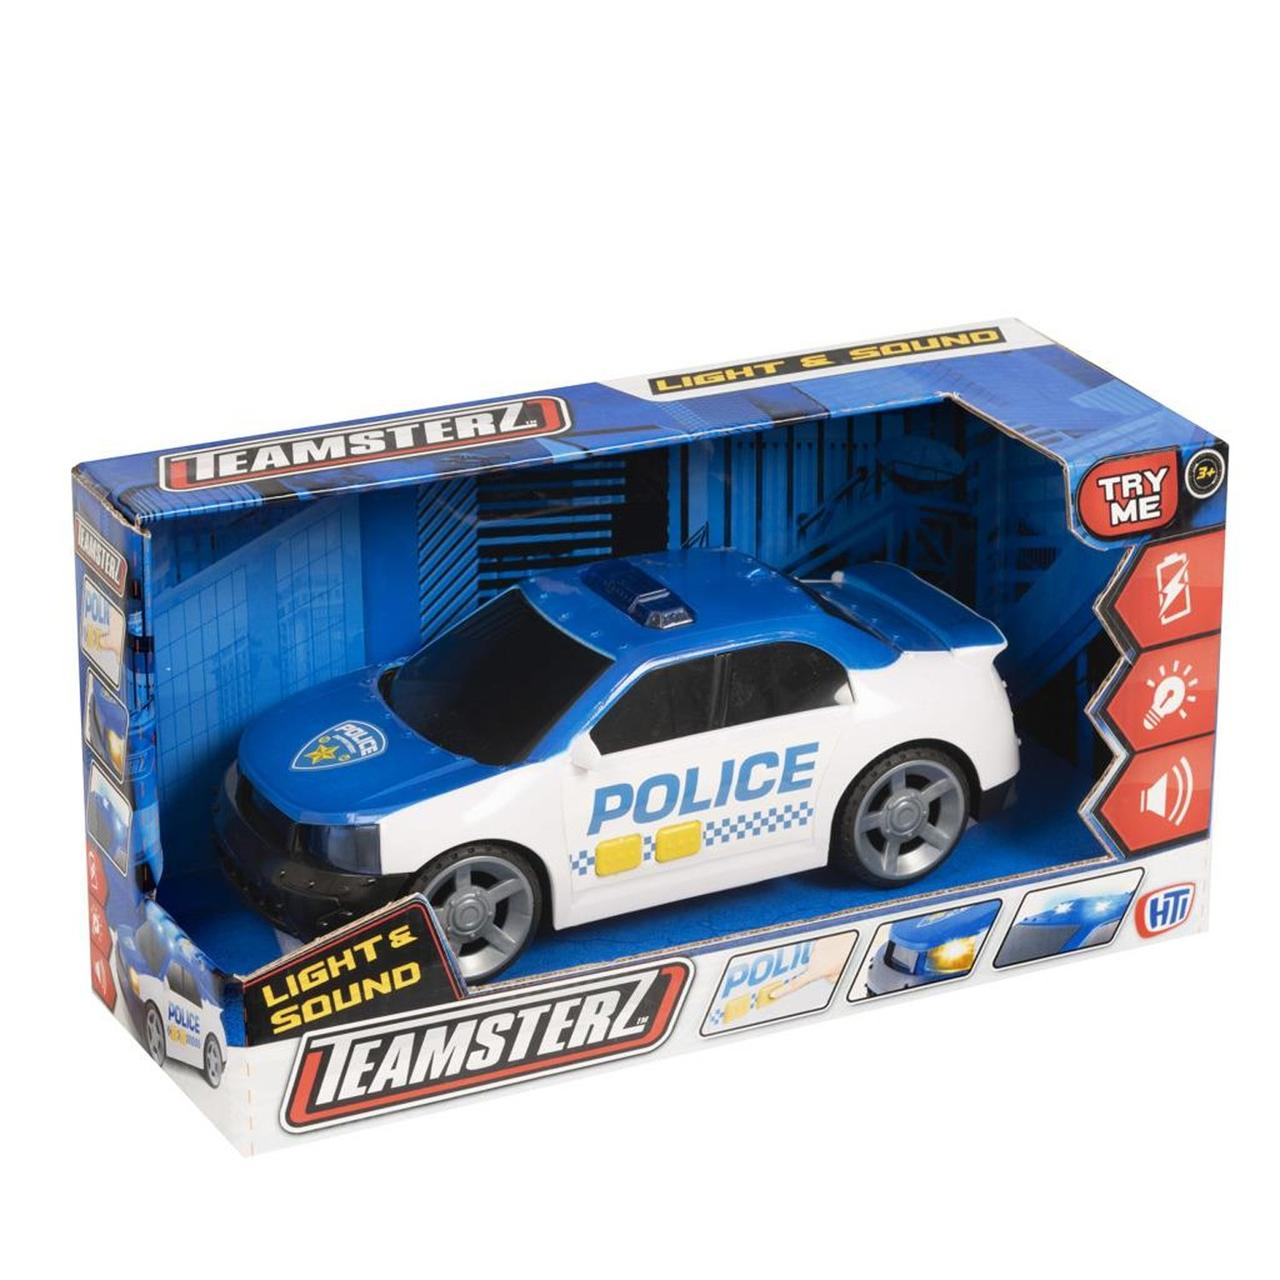 Машина  HTI Полицейский автомобиль со светом и звуком, 25 см Teamsterz  1416839